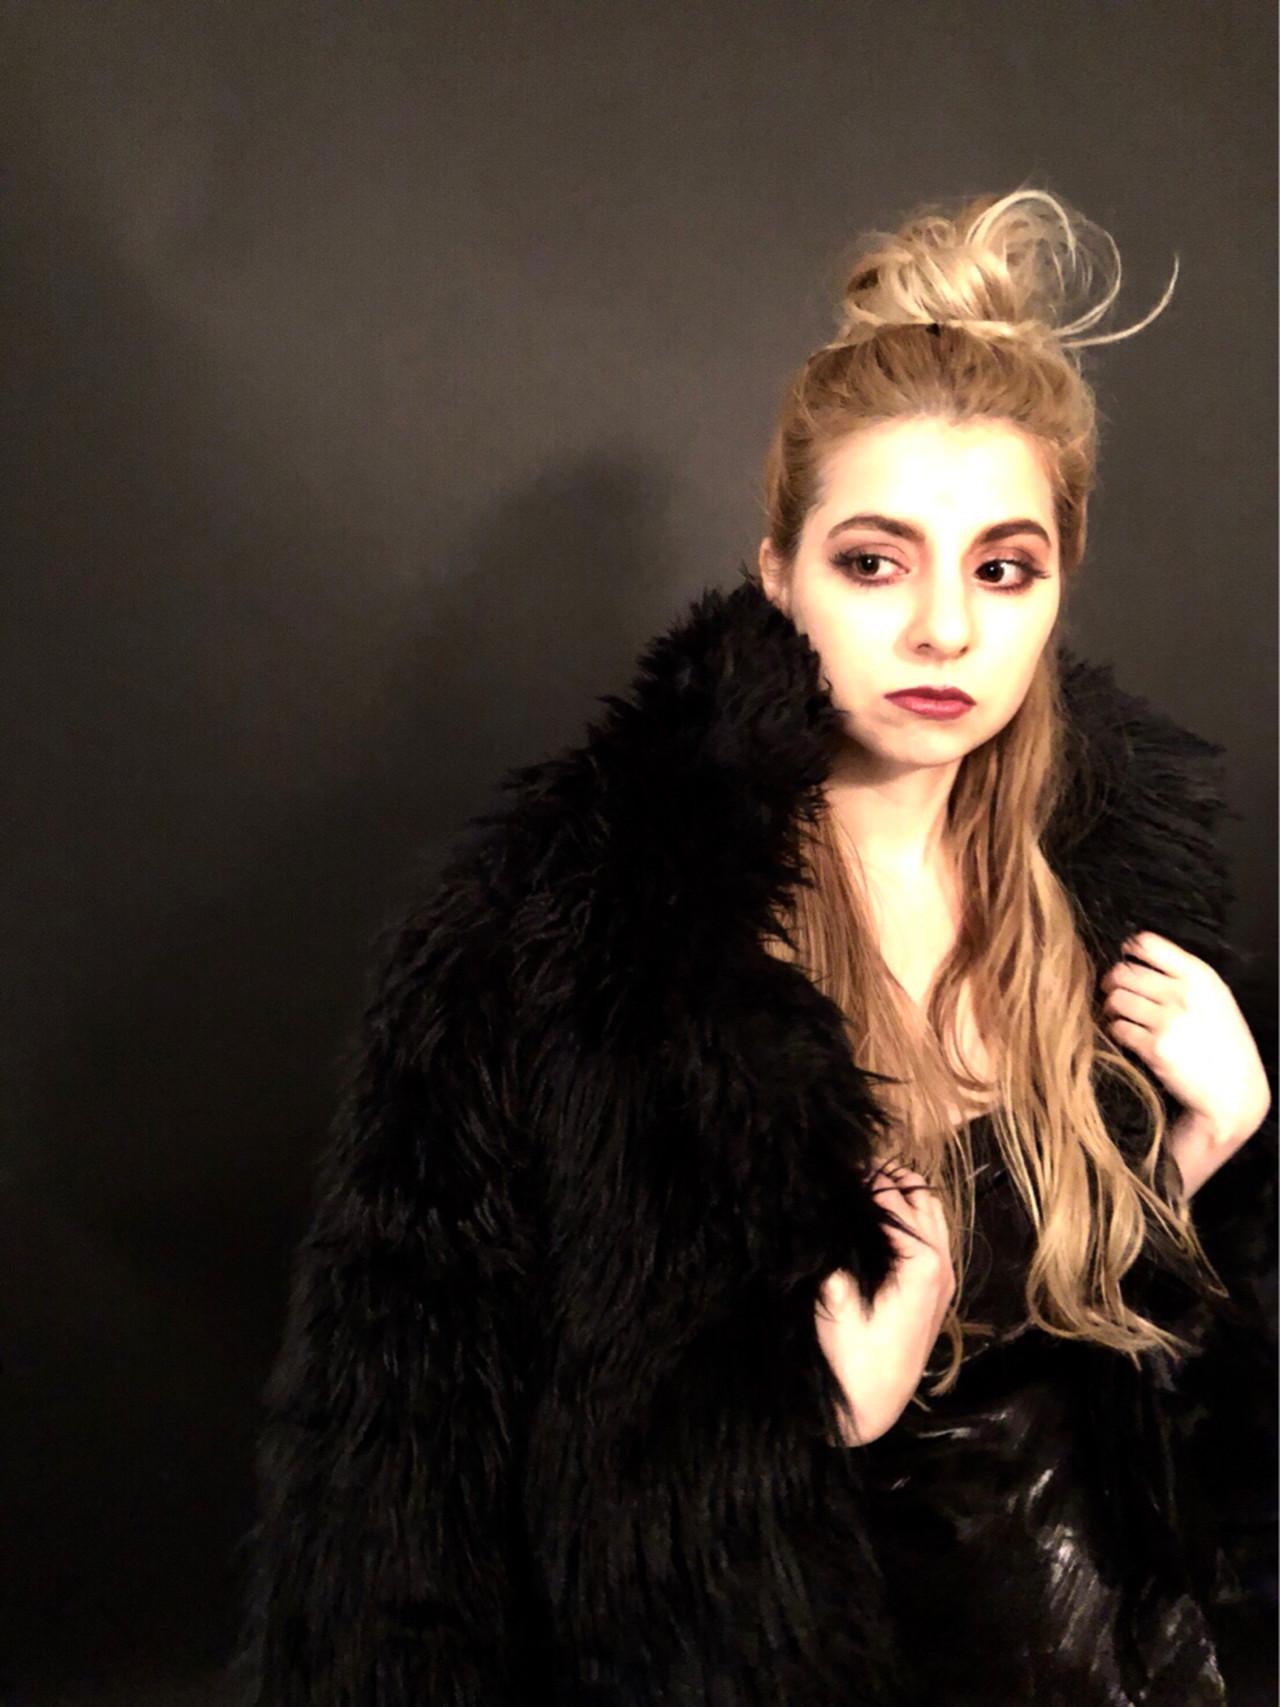 イルミナカラー エレガント ハイライト 上品 ヘアスタイルや髪型の写真・画像 | Kizashi/Shimizu / Aust hair Stella